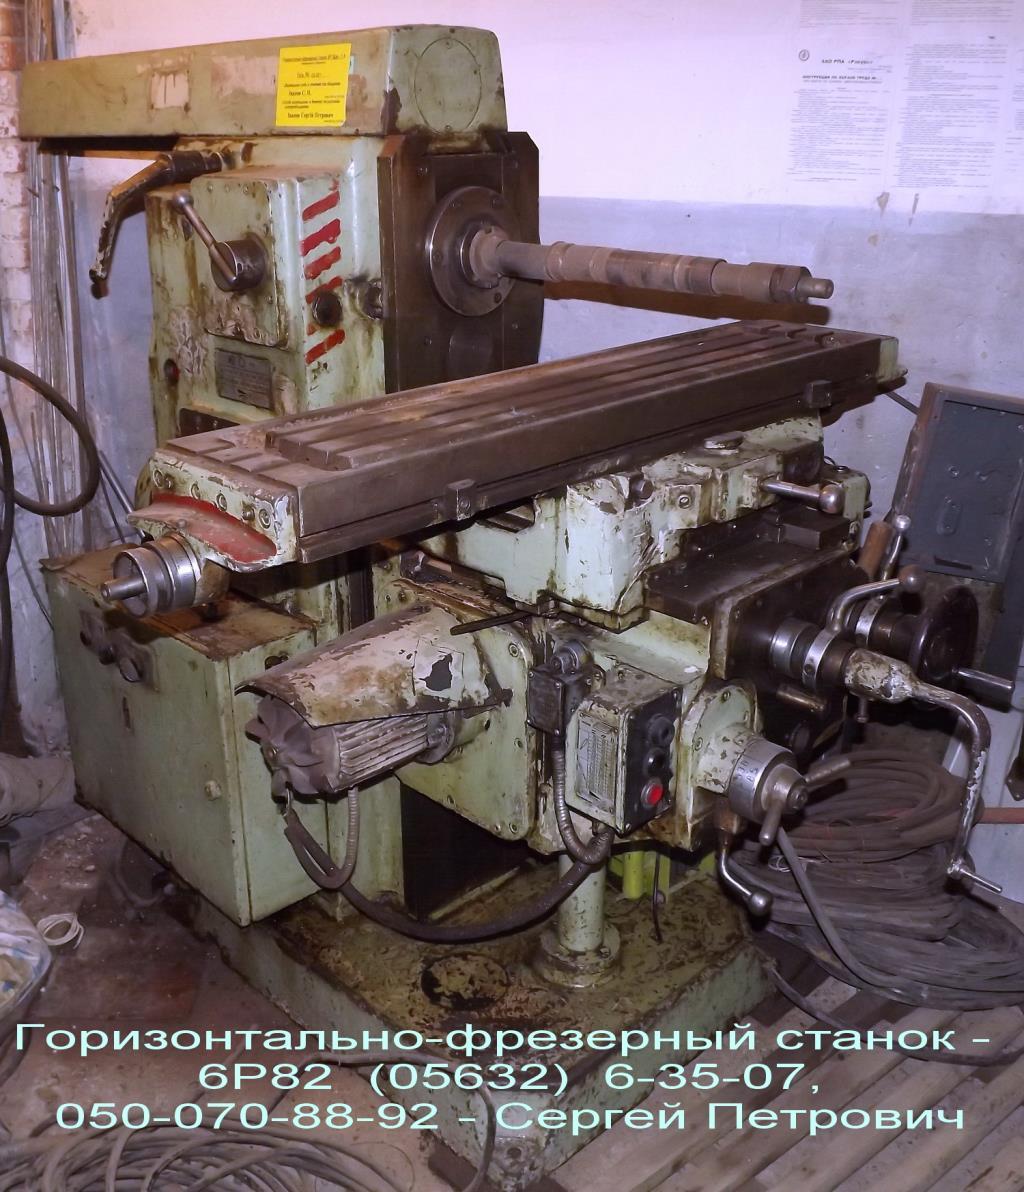 Меняю горизонтально-фрезерный станок - 6Р82 и токарно-винторезный станок - 16Б16КП на ГАЗель ДУЭТ б/у не старше 2007г. в нормальном состоянии.